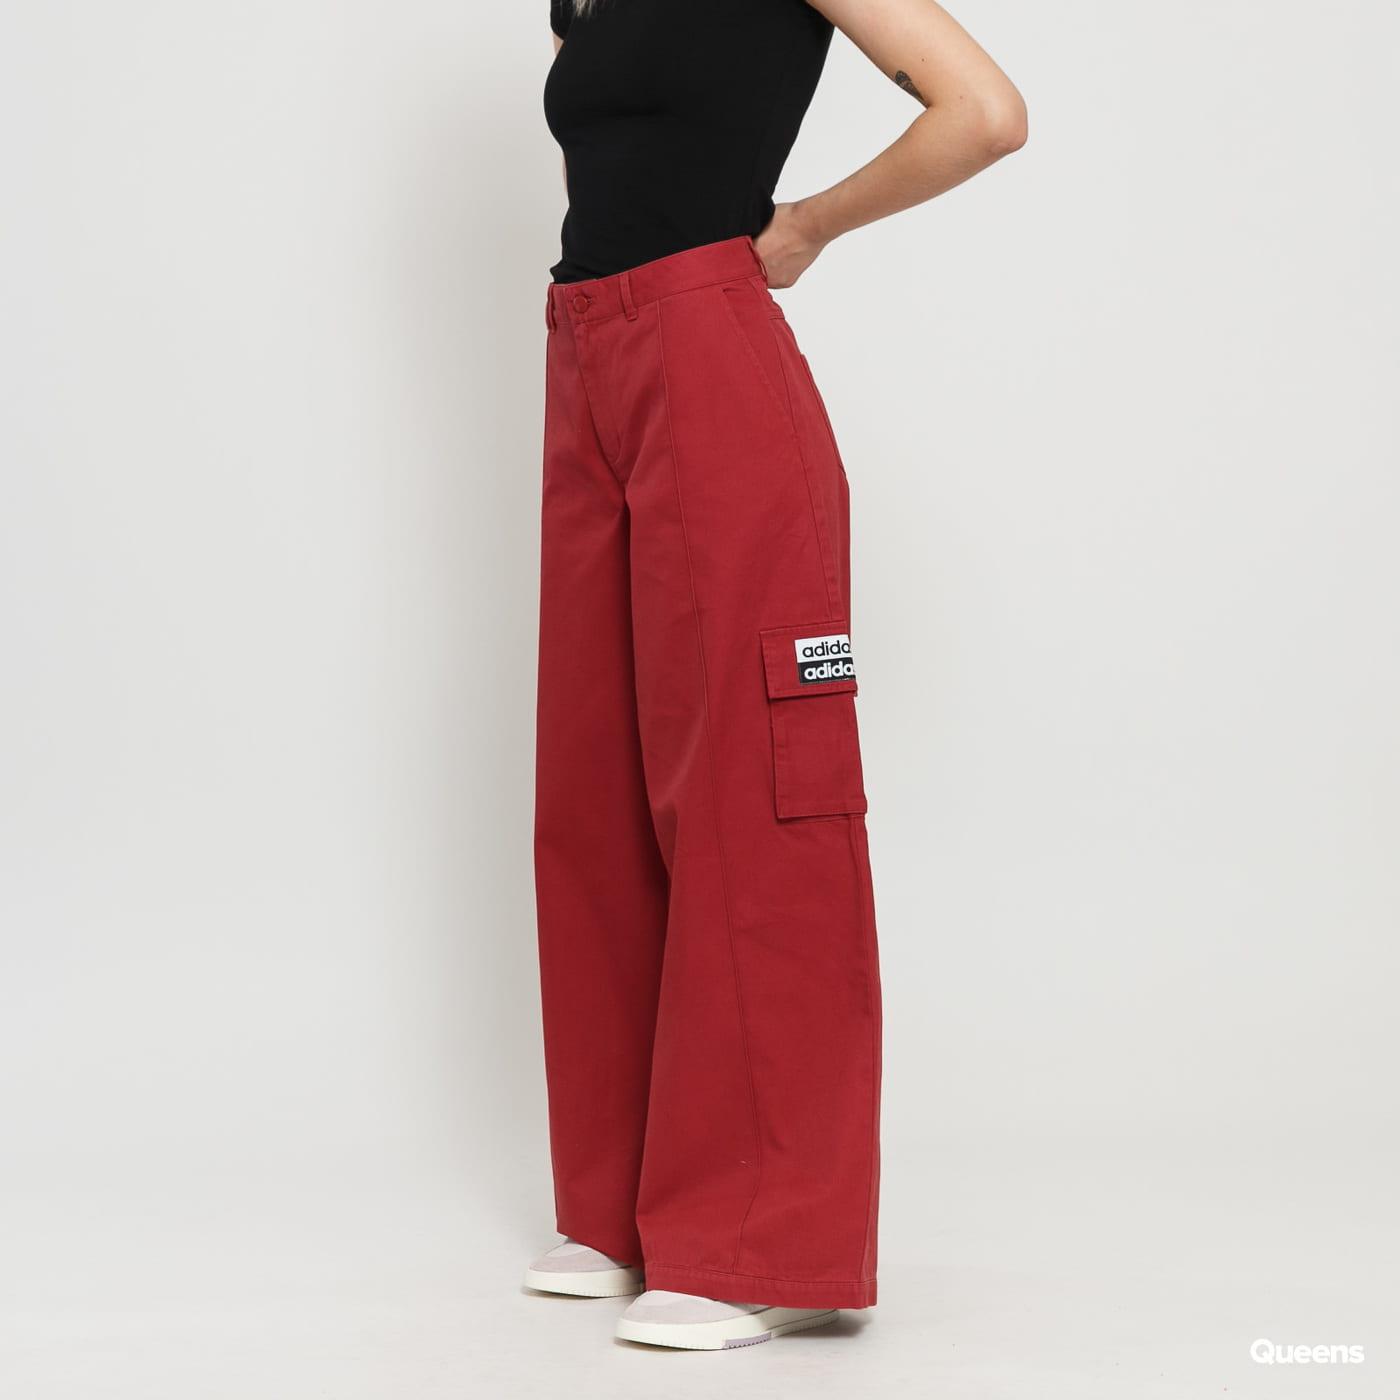 Evoluzione Sussurro guadagno  Women Pants adidas Originals Track Pant bordeaux (ED7428) – Queens 💚